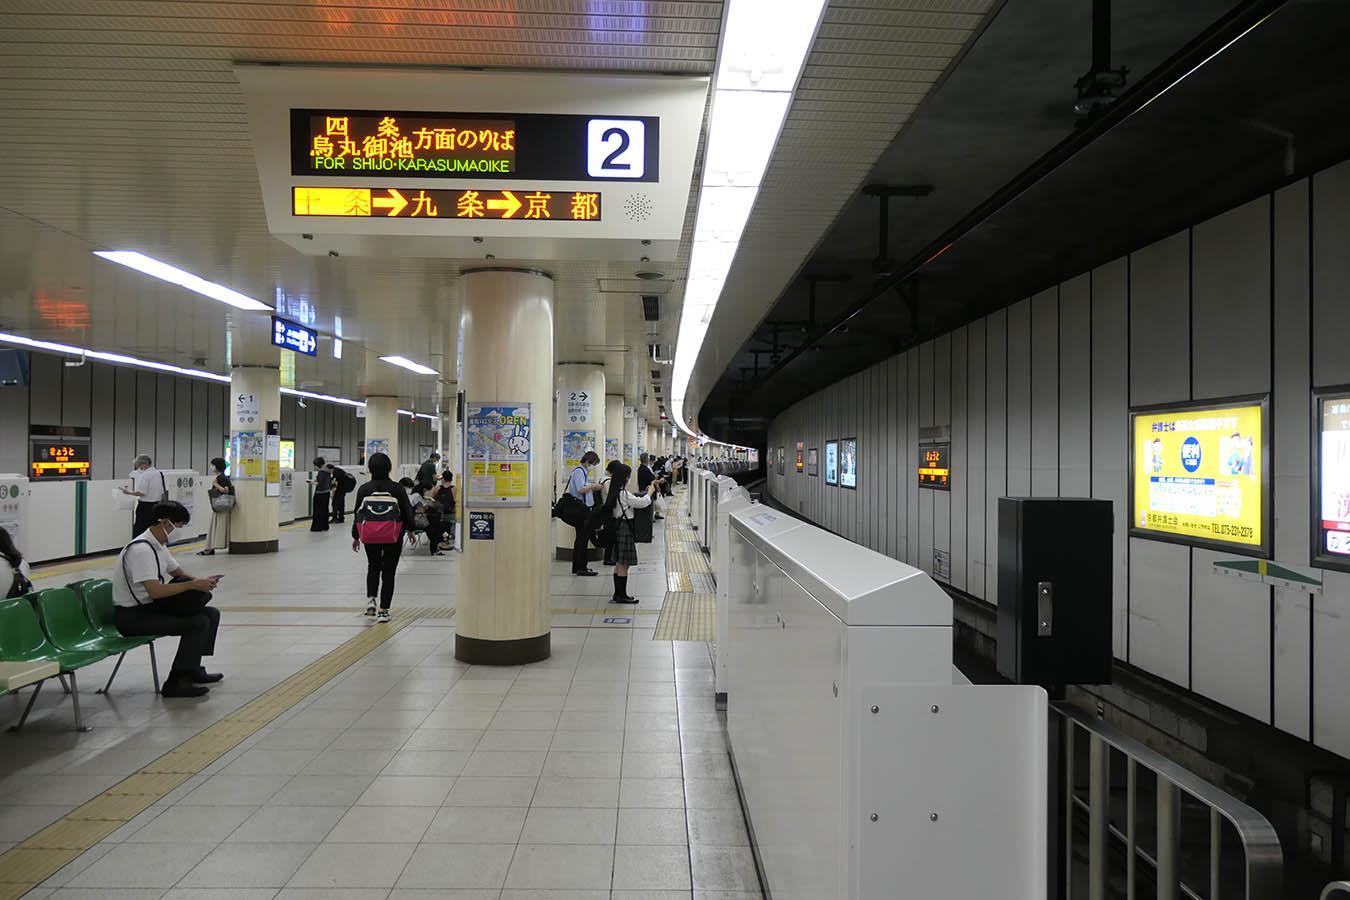 K11_photo04.jpg